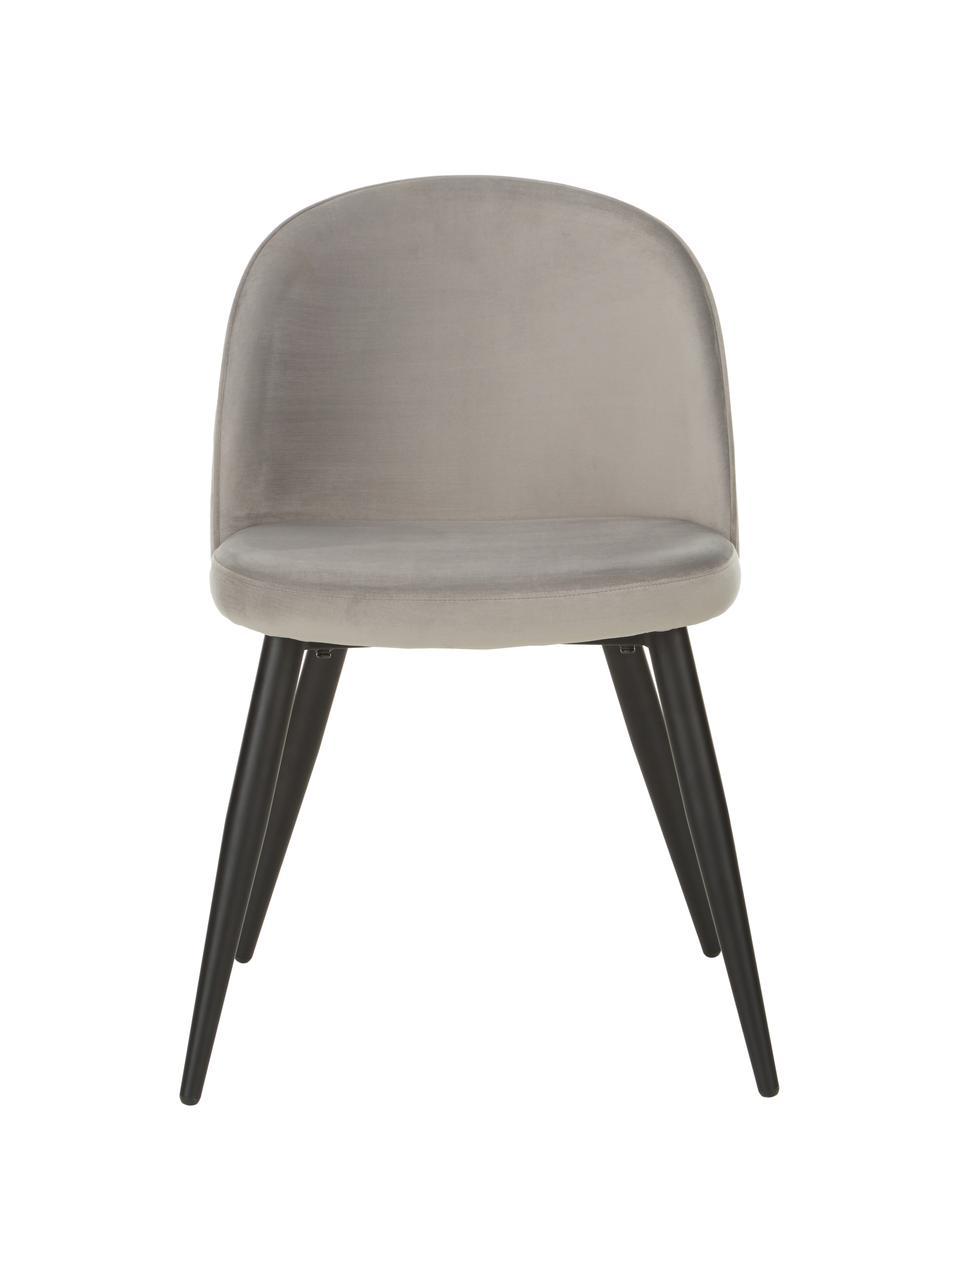 Moderne Samt-Polsterstühle Amy, 2 Stück, Bezug: Samt (Polyester) Der hoch, Beine: Metall, pulverbeschichtet, Grau, B 51 x T 55 cm